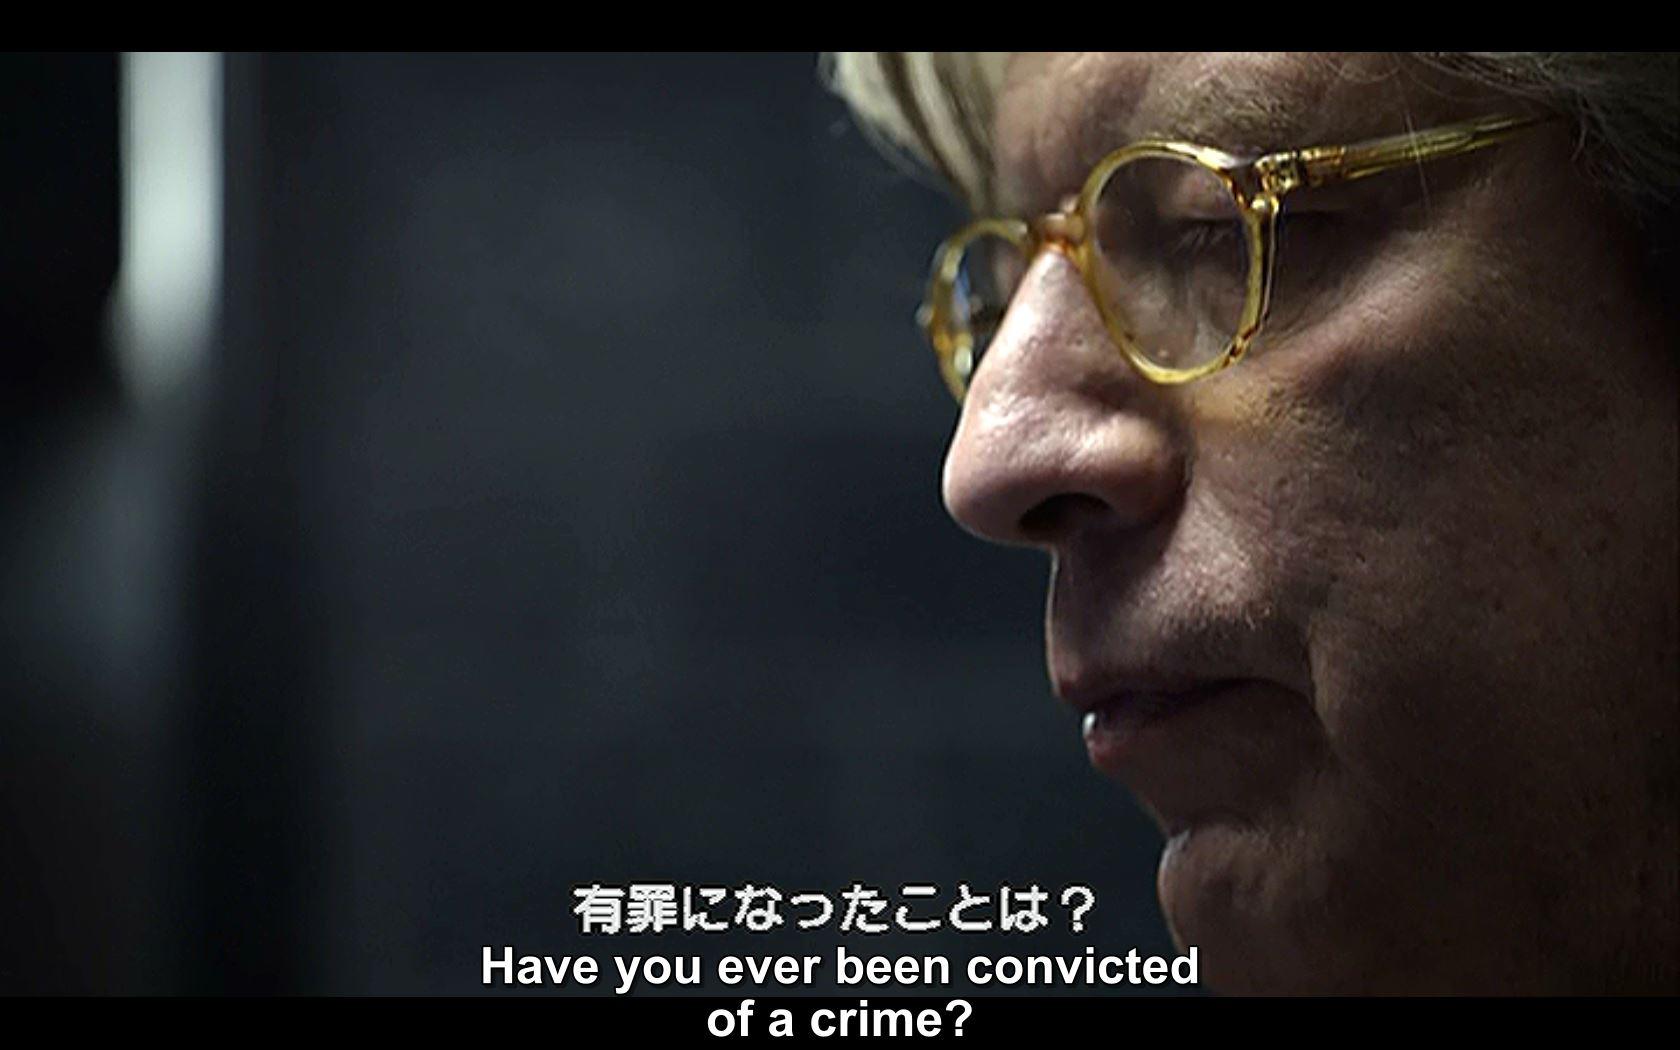 「ザ・ブラックリスト(The Blacklist)」シーズン1の第2話(convicted ofほか)